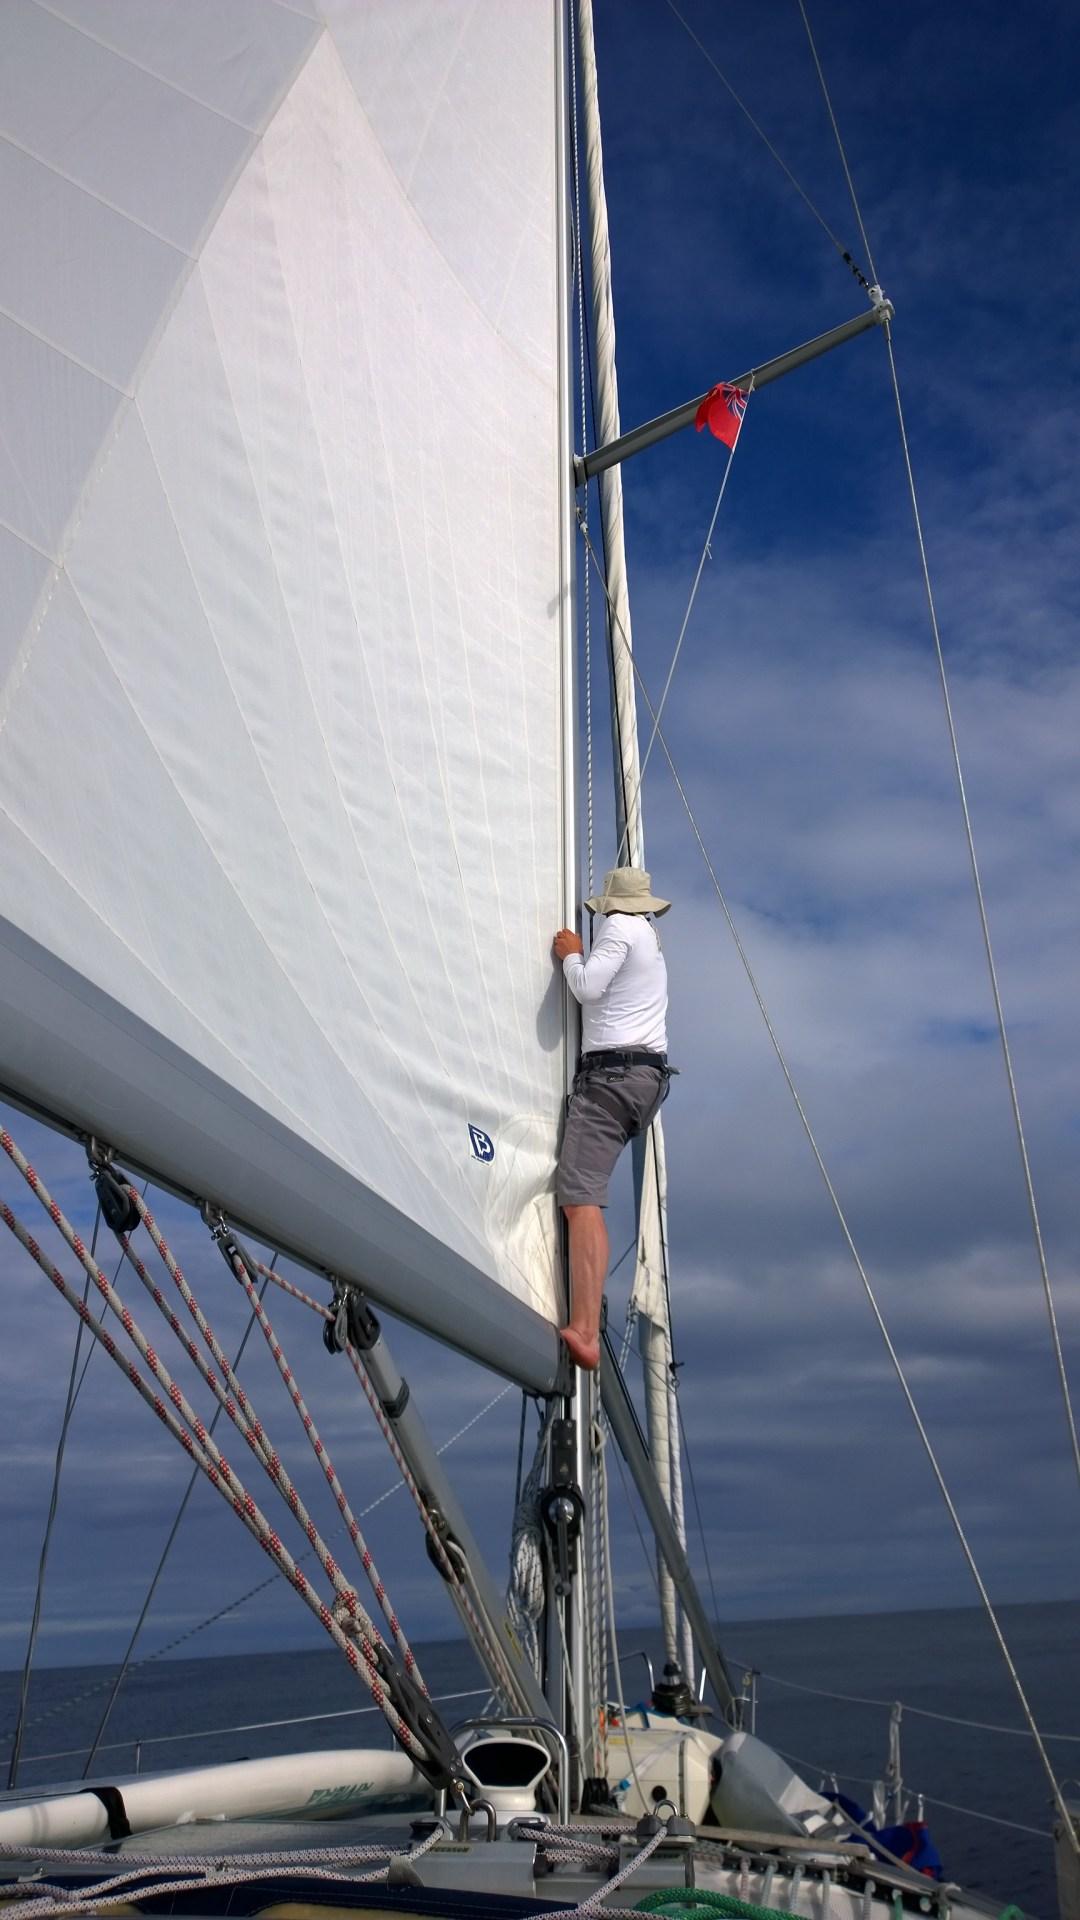 Taktikkomme kiipesi mastoon katsomaan, jos jossain tuulisi... Hienoa asialleen omistautumista!